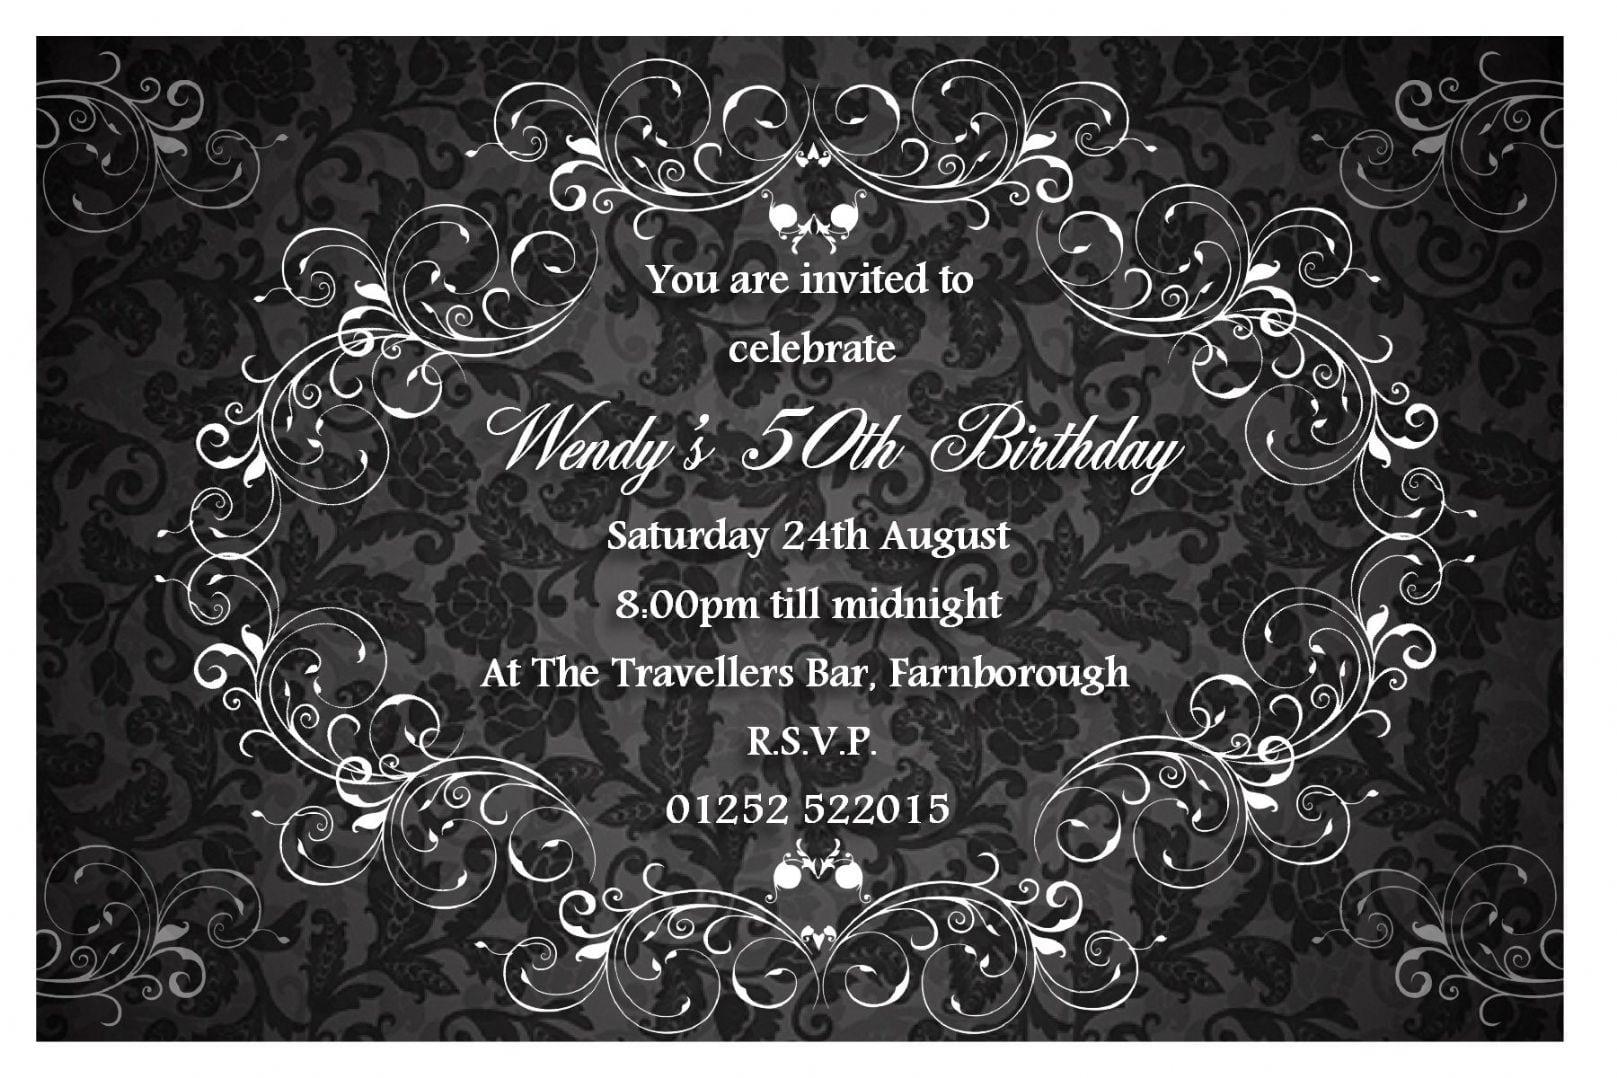 Classy Birthday Party Invitations